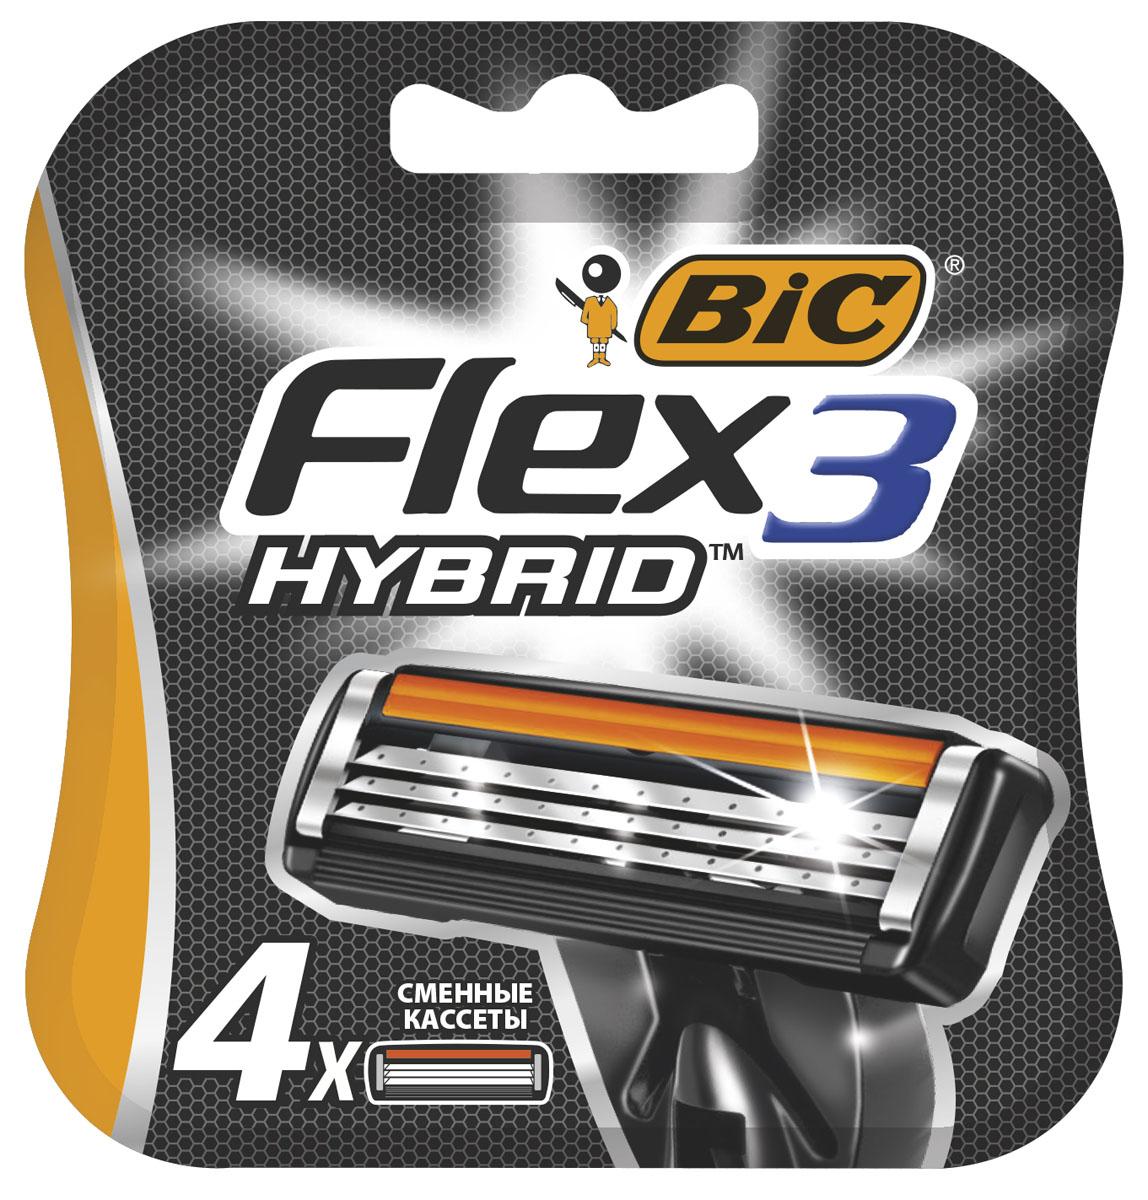 Bic Flex 3 HybridСменные кассеты для бритья 4 шт